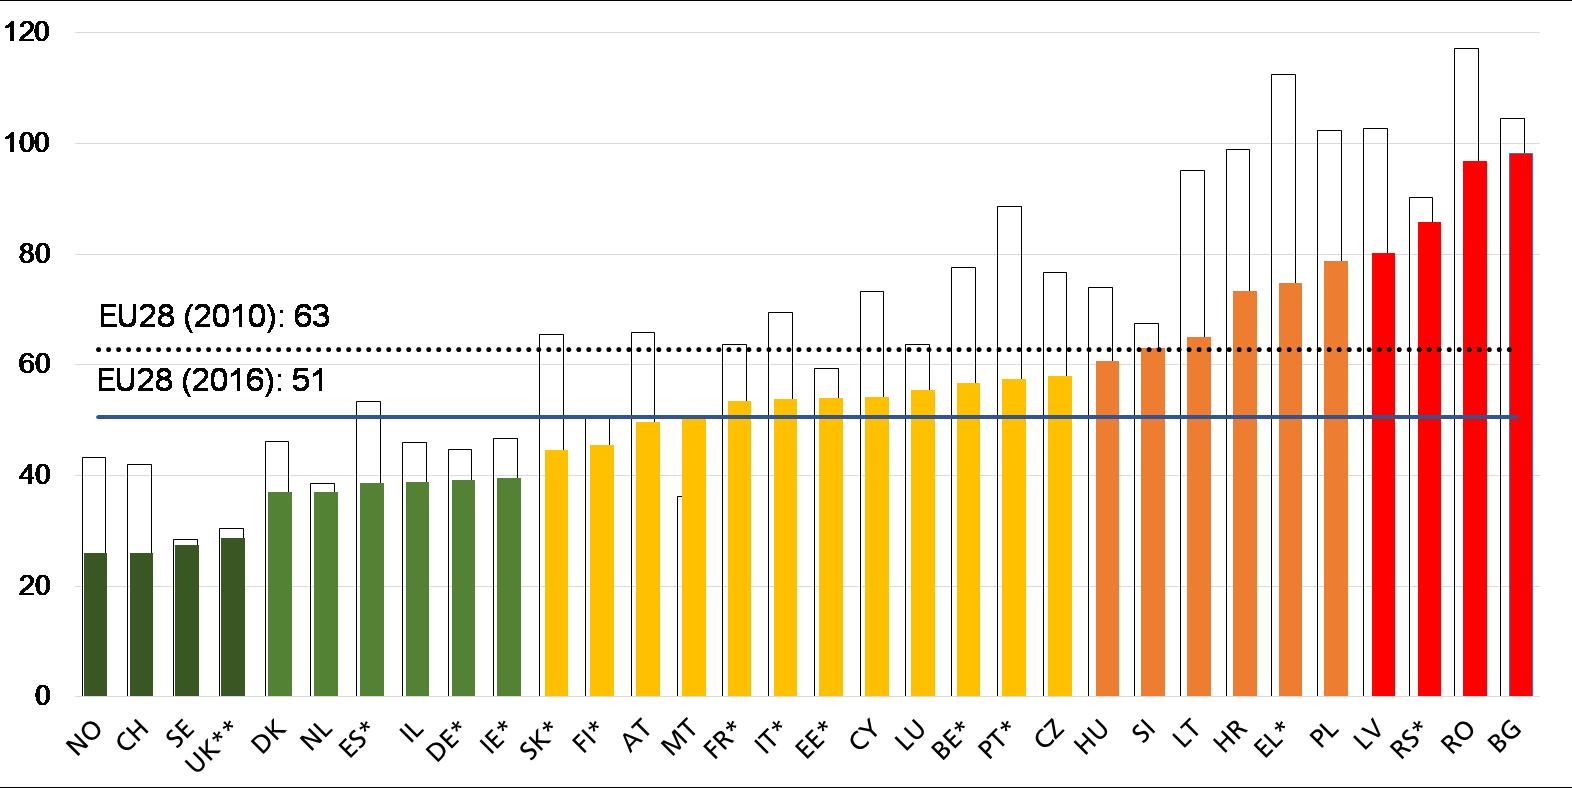 Úmrtnost na silnicích (vyjádřeno v počtu úmrtí na milion obyvatel)